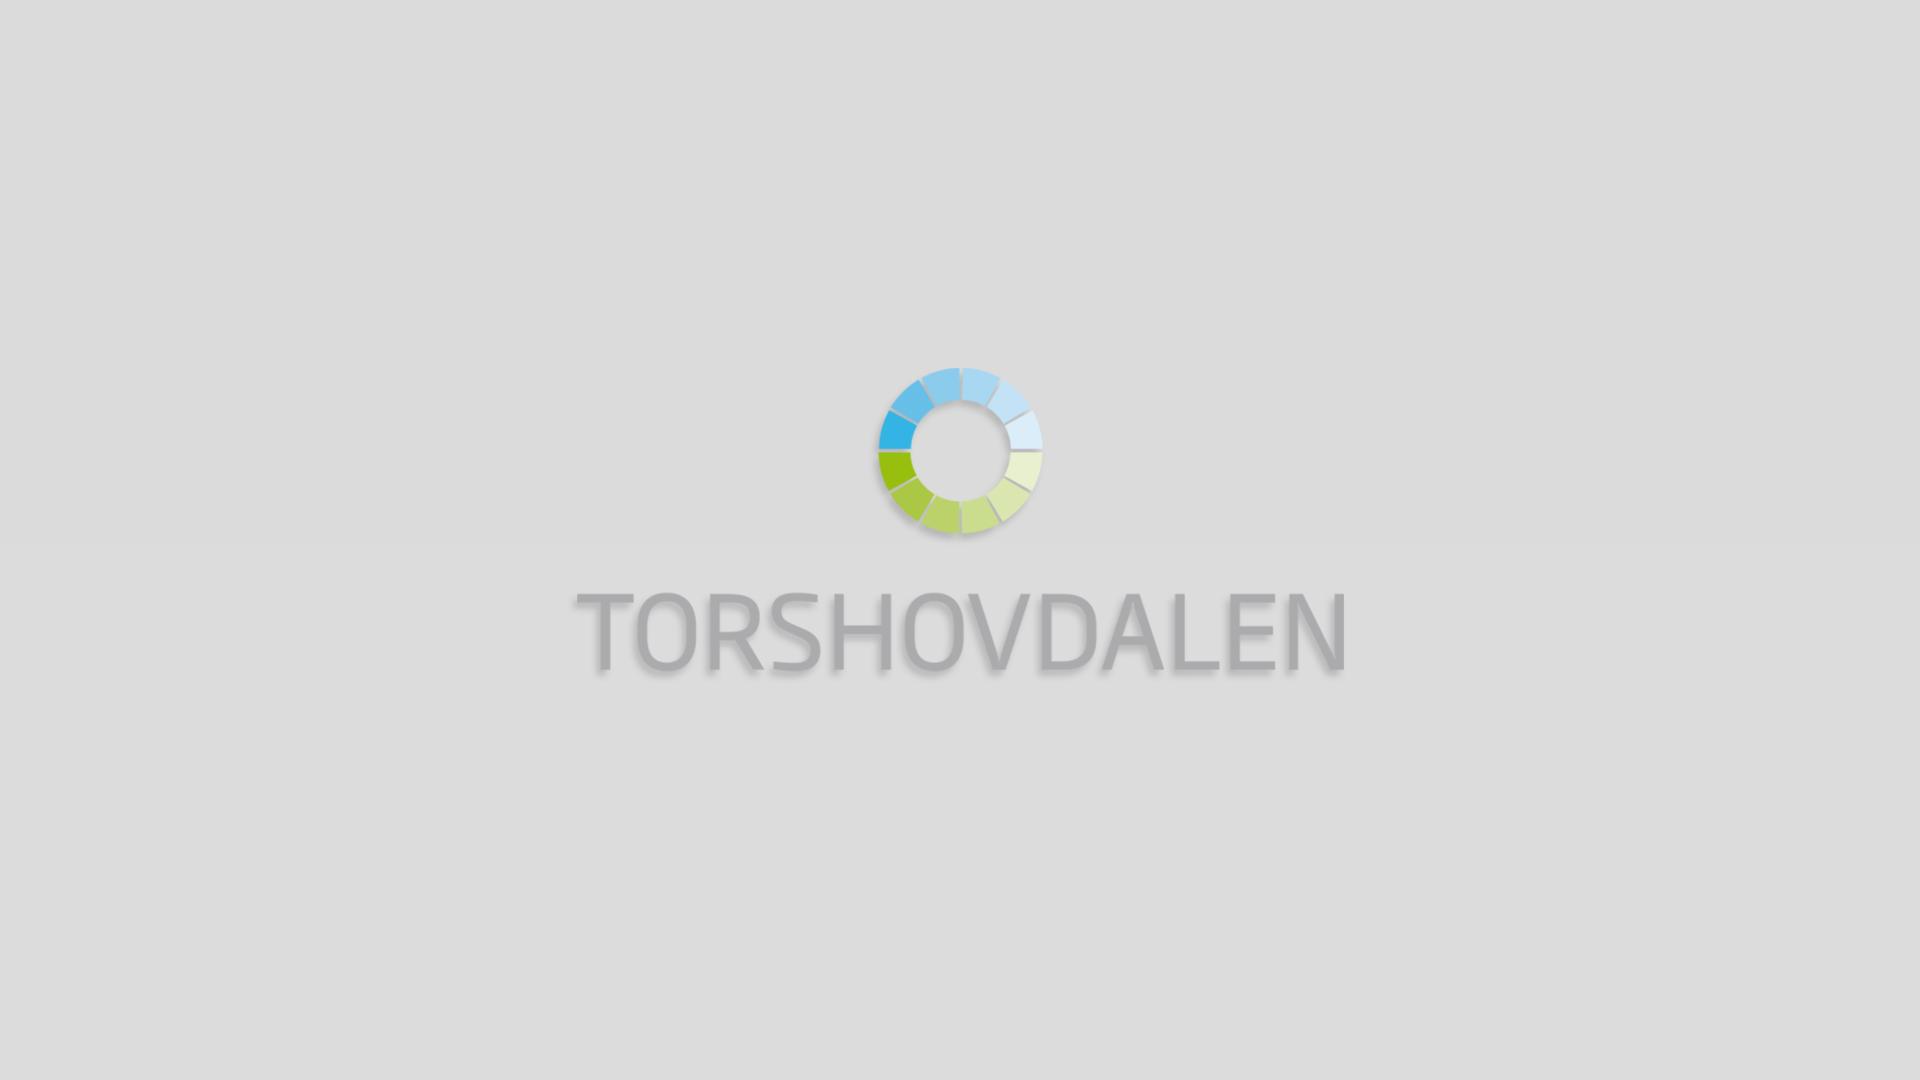 Torshovdalen